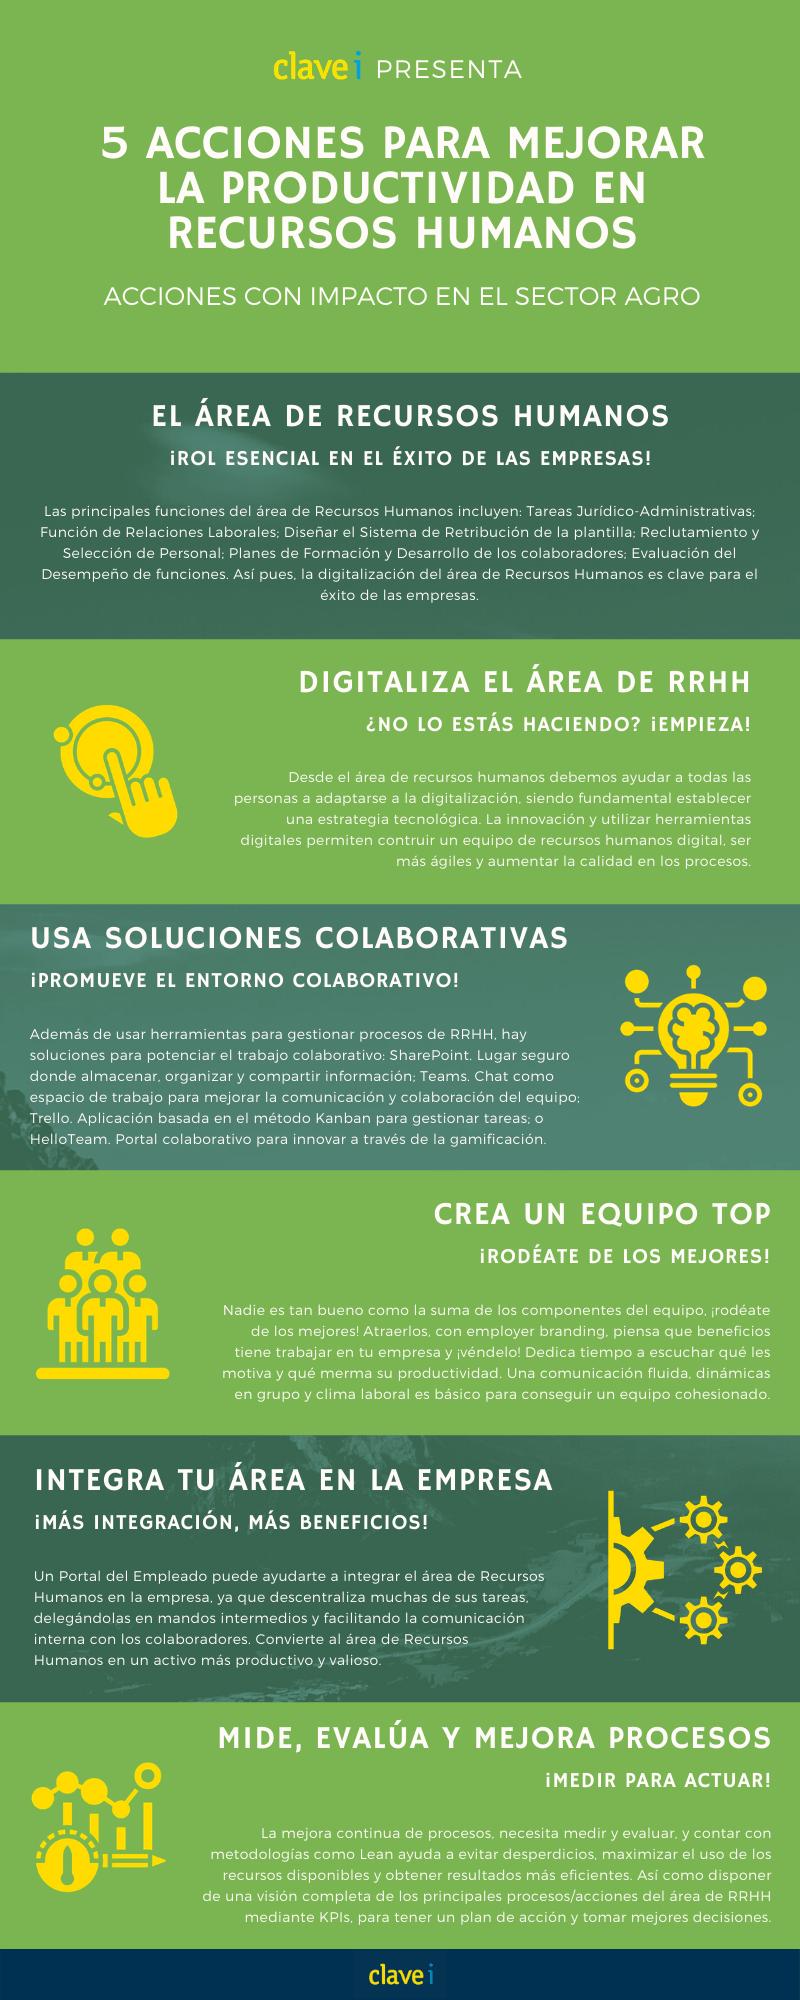 infografia-sector-agro-acciones-para-mejorar-la-productividad-de-recursos-humanos